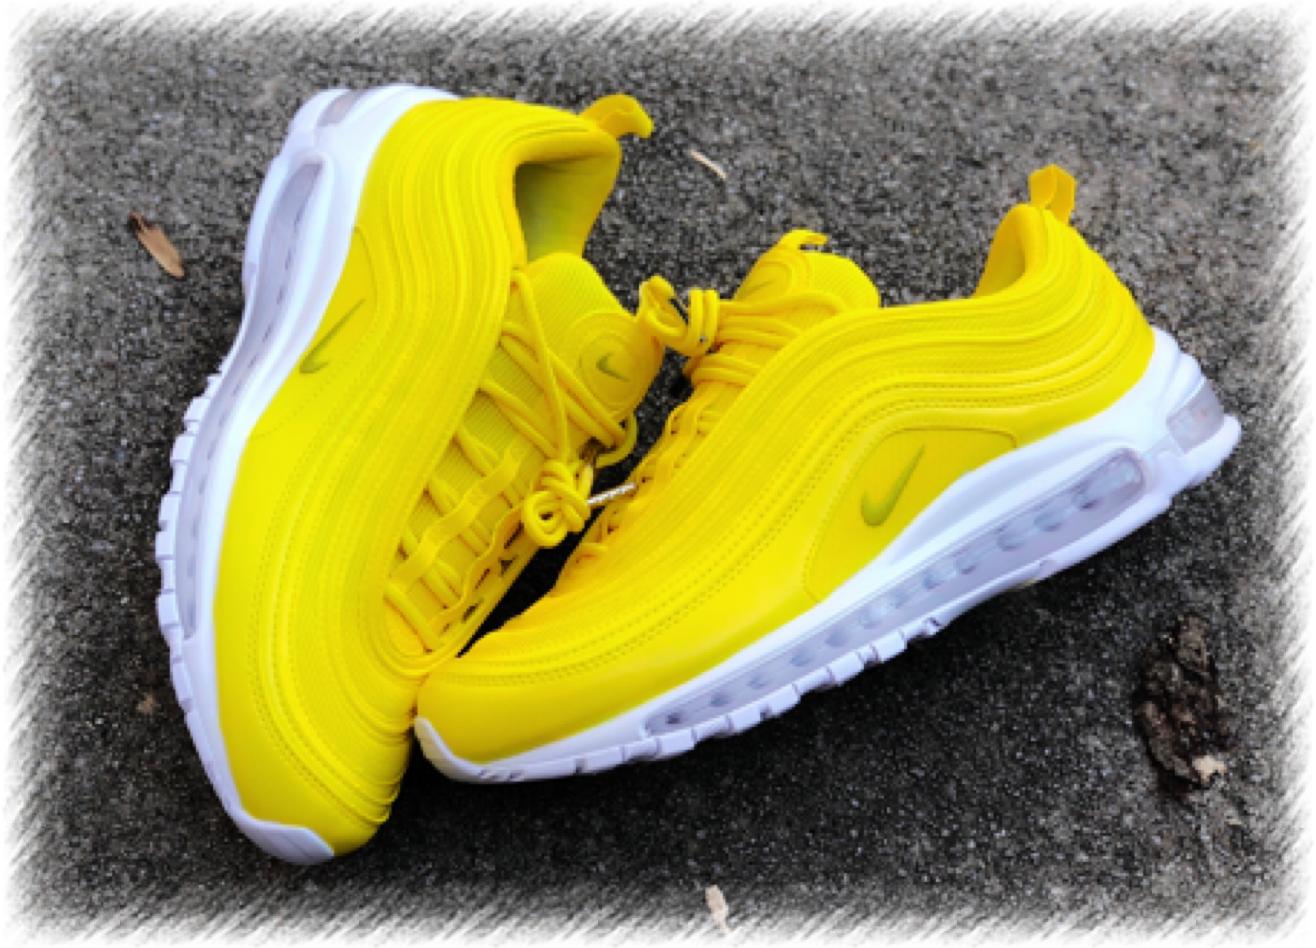 Sunshine Yellow Nike Air Max 97 Custom